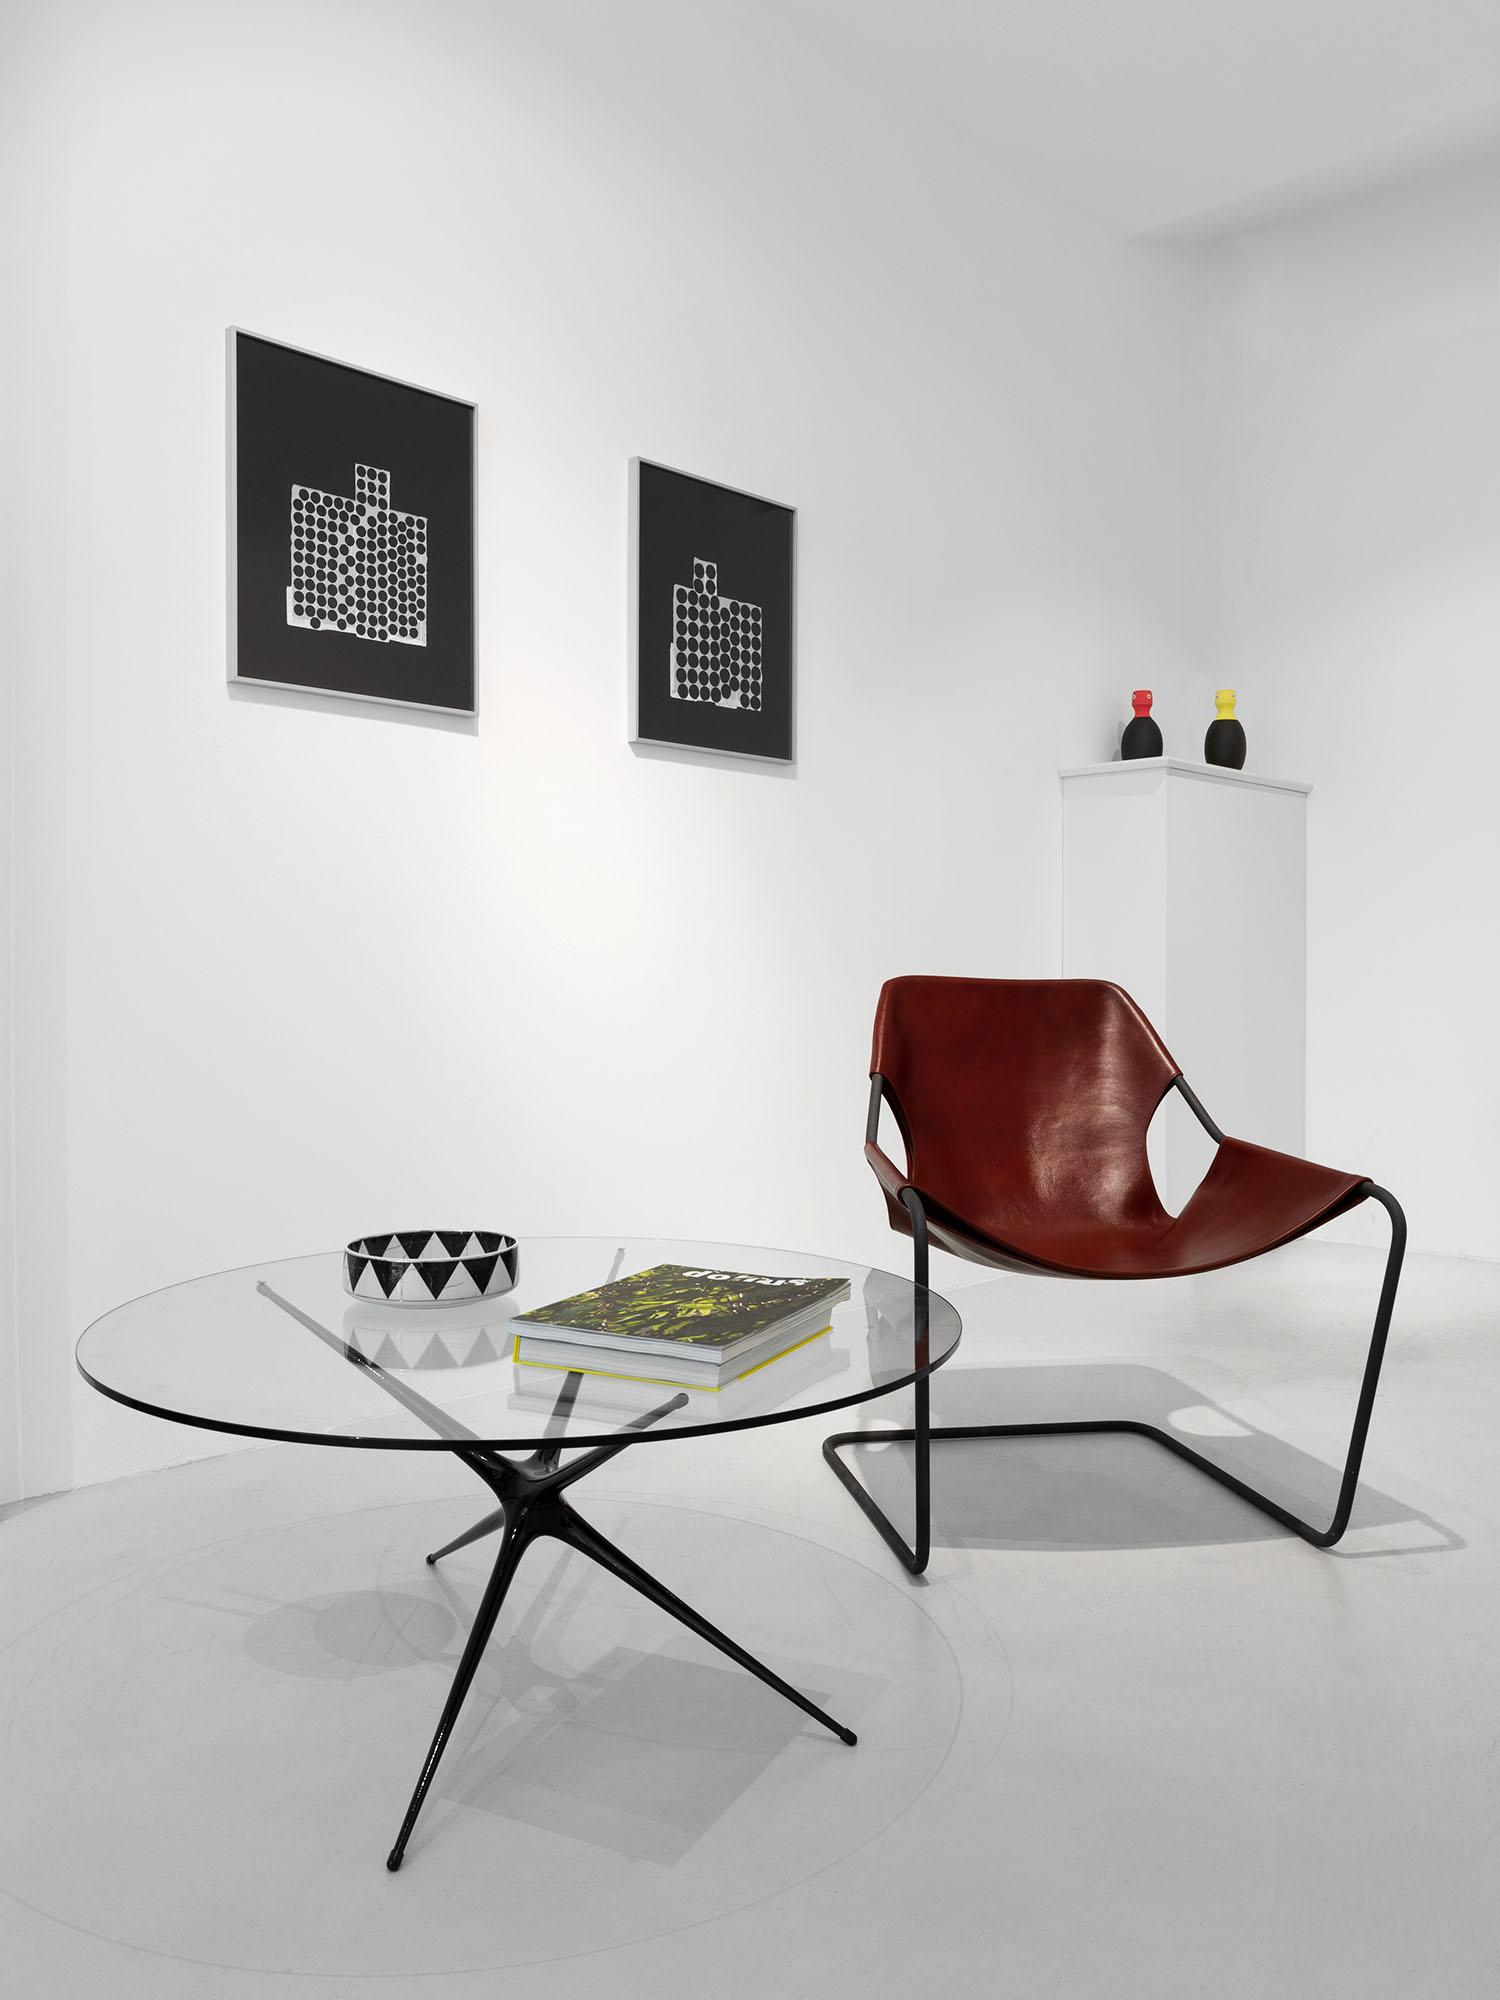 Winding Walls Exhibition - Sebastian Severin